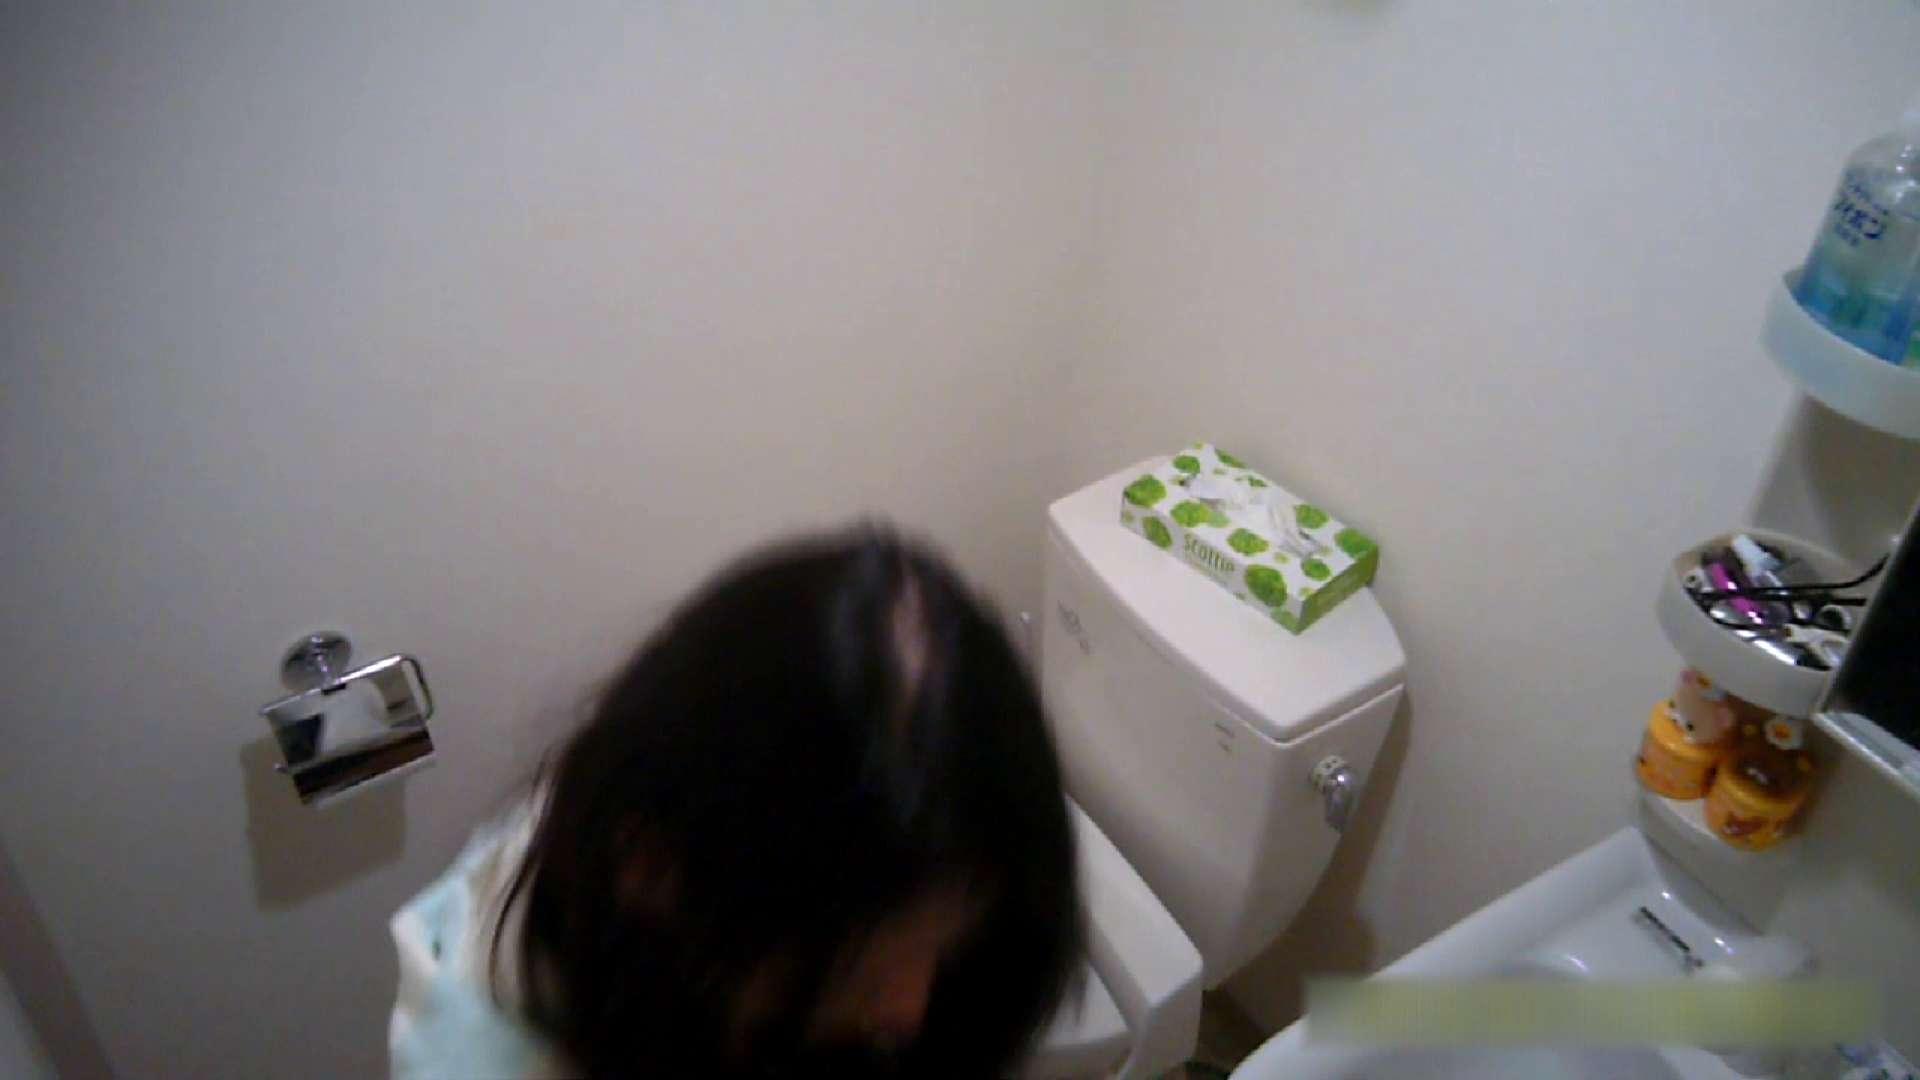 無修正おまんこ動画|清楚な顔してかなり敏感なE子25歳(仮名)Vol.04 トイレ編|怪盗ジョーカー